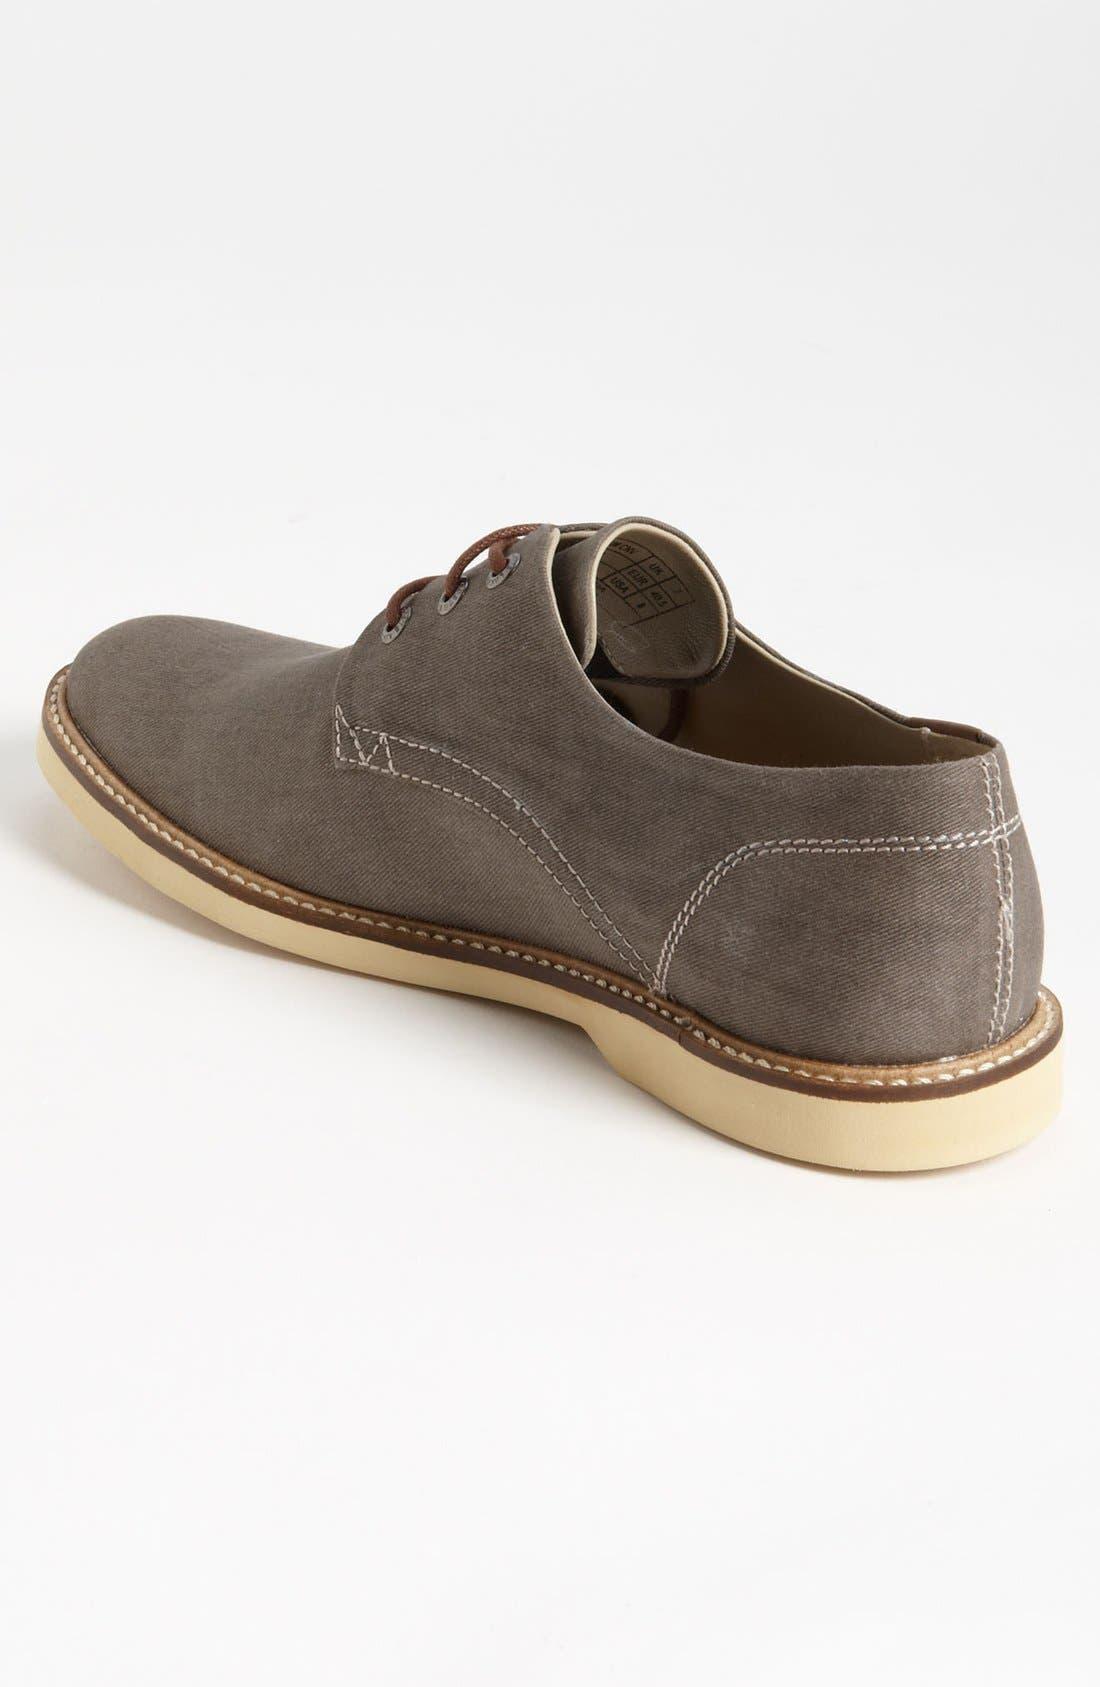 Alternate Image 2  - Lacoste 'Sherbrooke 7' Twill Buck Shoe